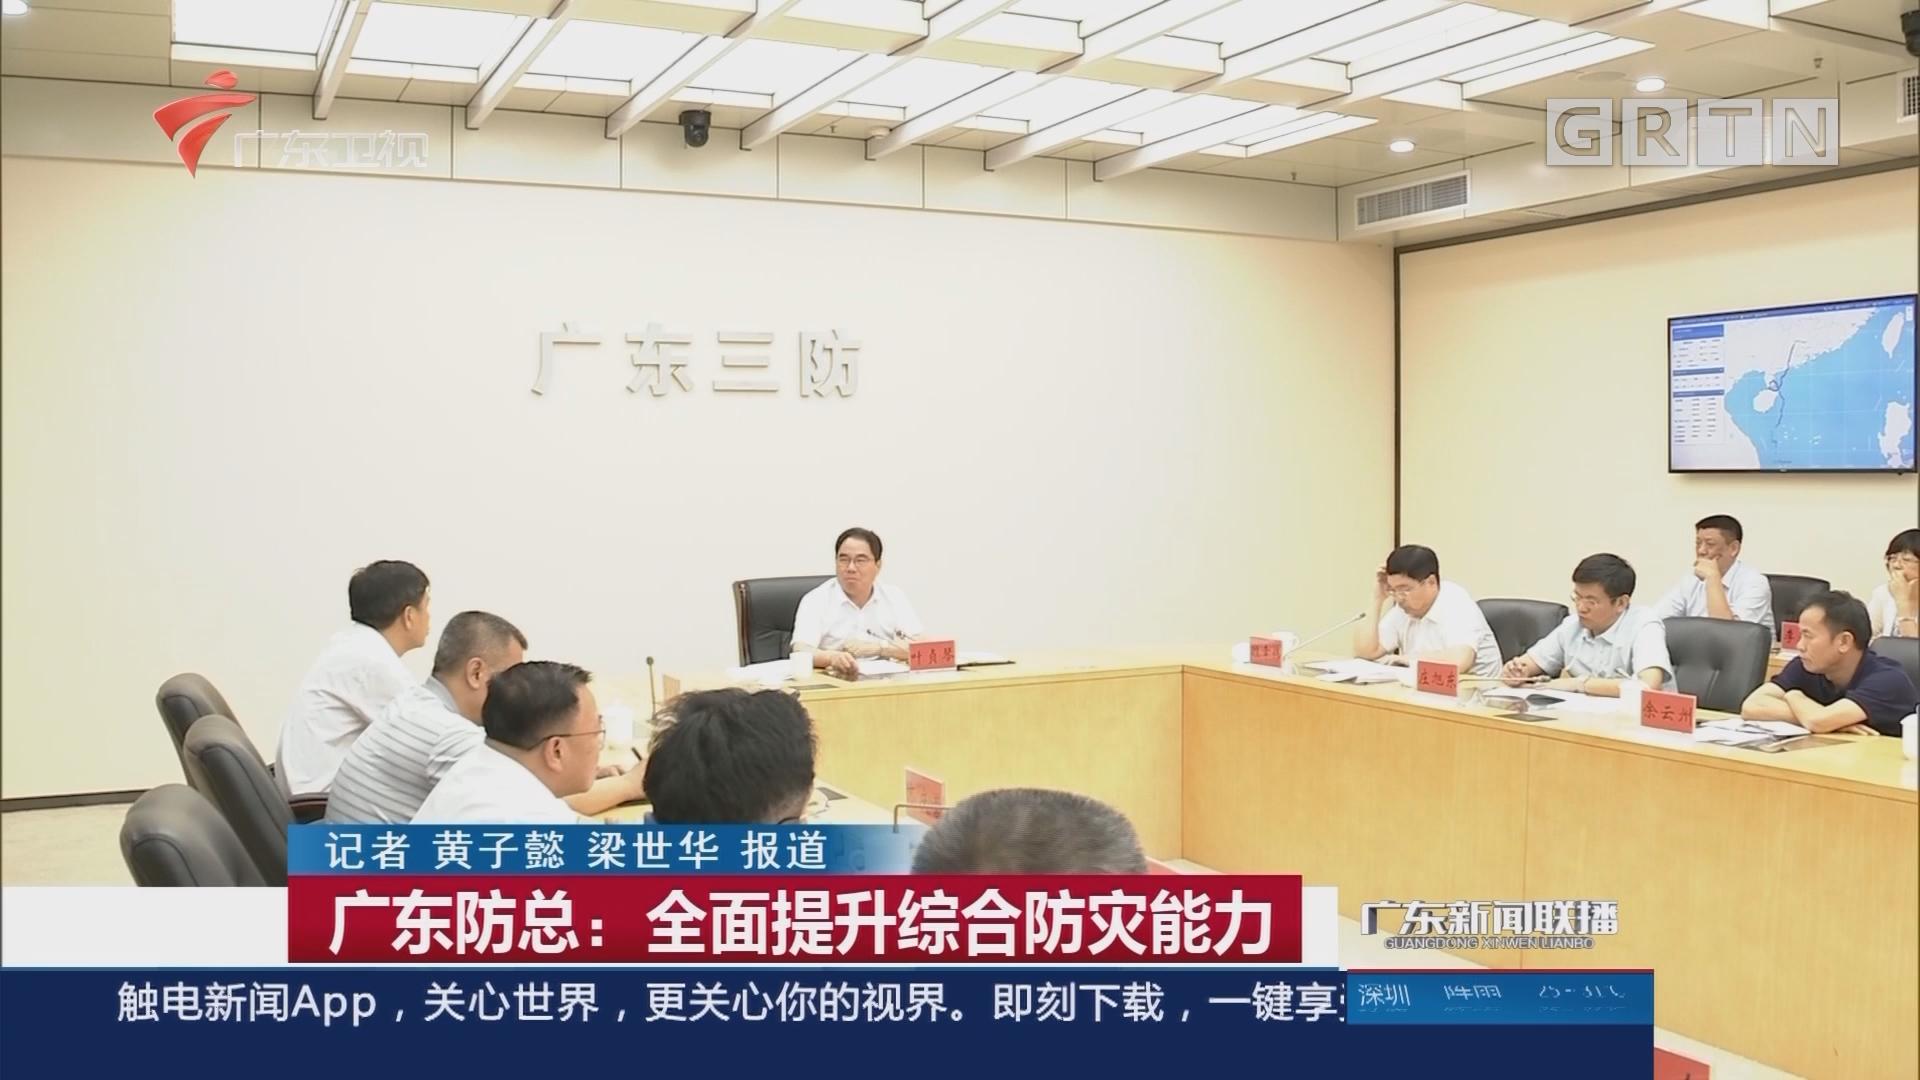 广东防总:全面提升综合防灾能力